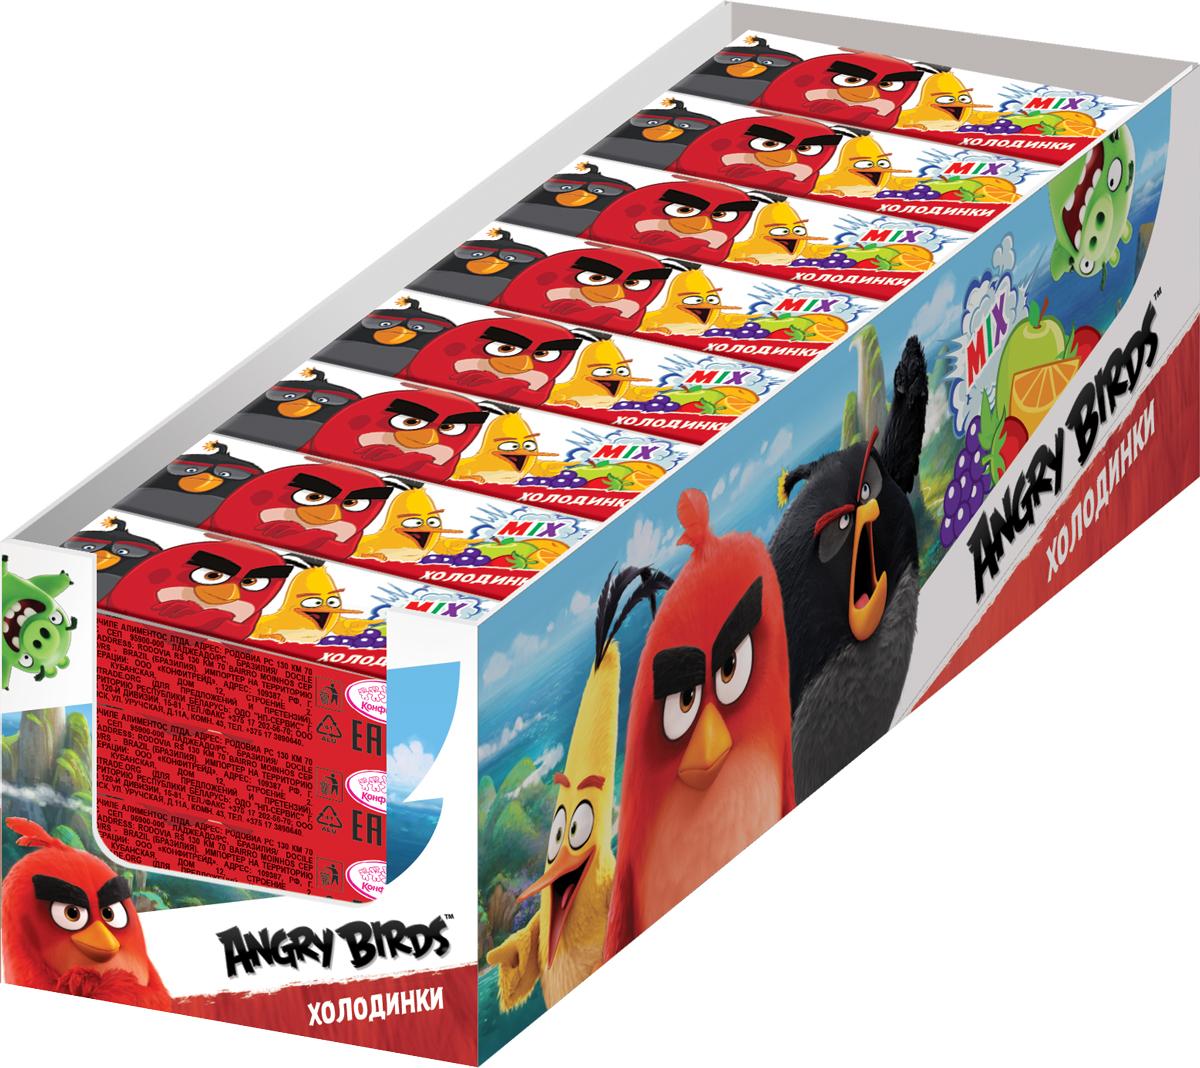 Конфитрейд Angry Birds Movie драже холодинки, 40 шт по 17 г angry birds movie карамель леденцовая с кислой пудрой 48 шт по 10 г